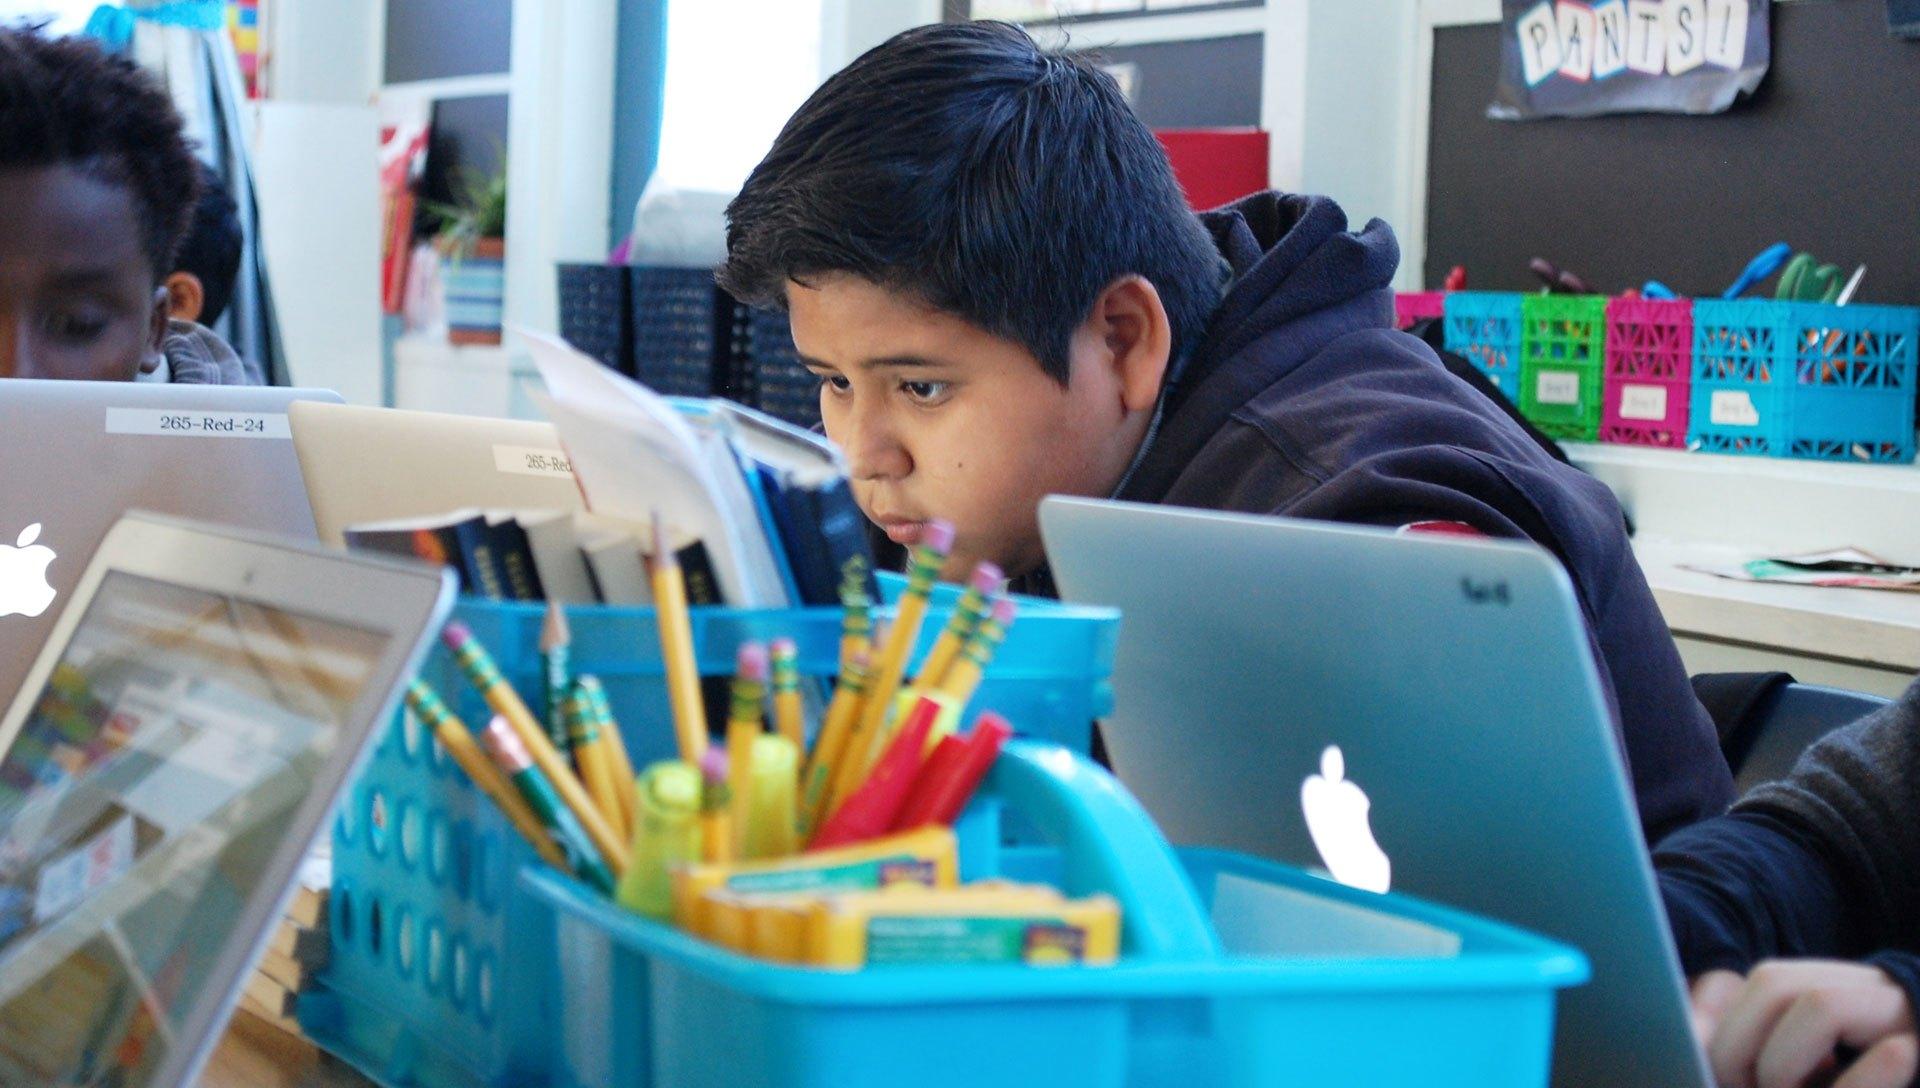 Carlos Delrio, de once años, se dedica a completar una asignación de computación en su clase de sexto grado en la escuela Oak Ridge Elementary en Sacramento.